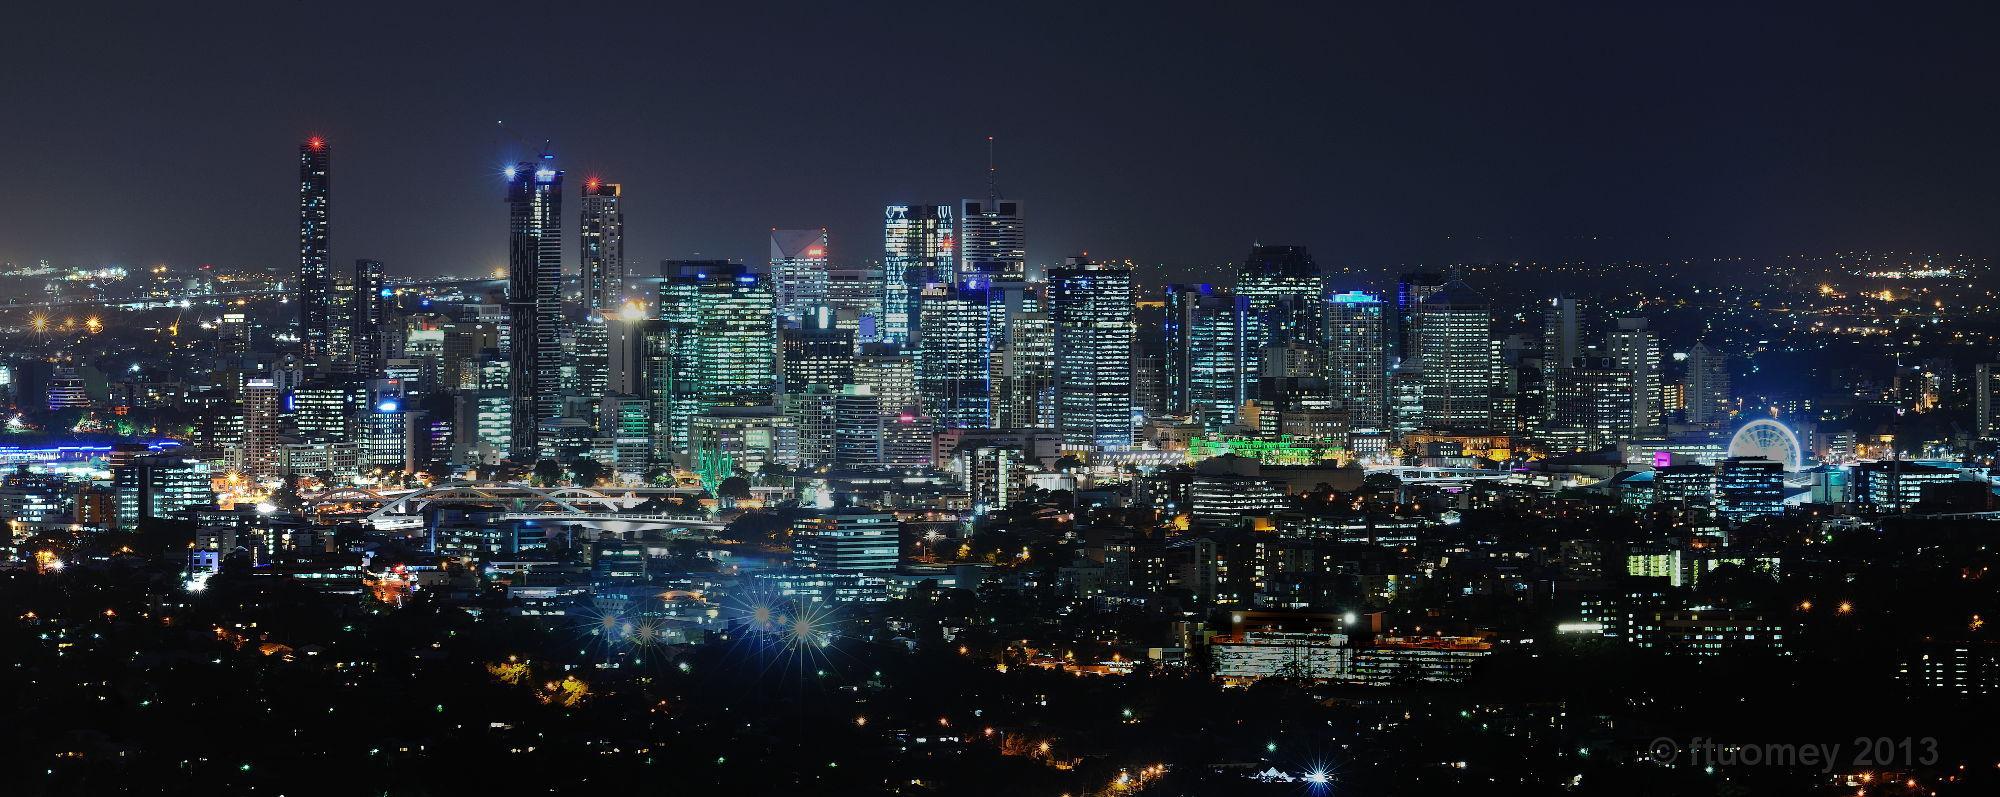 ¿A qué país pertenece Brisbane?